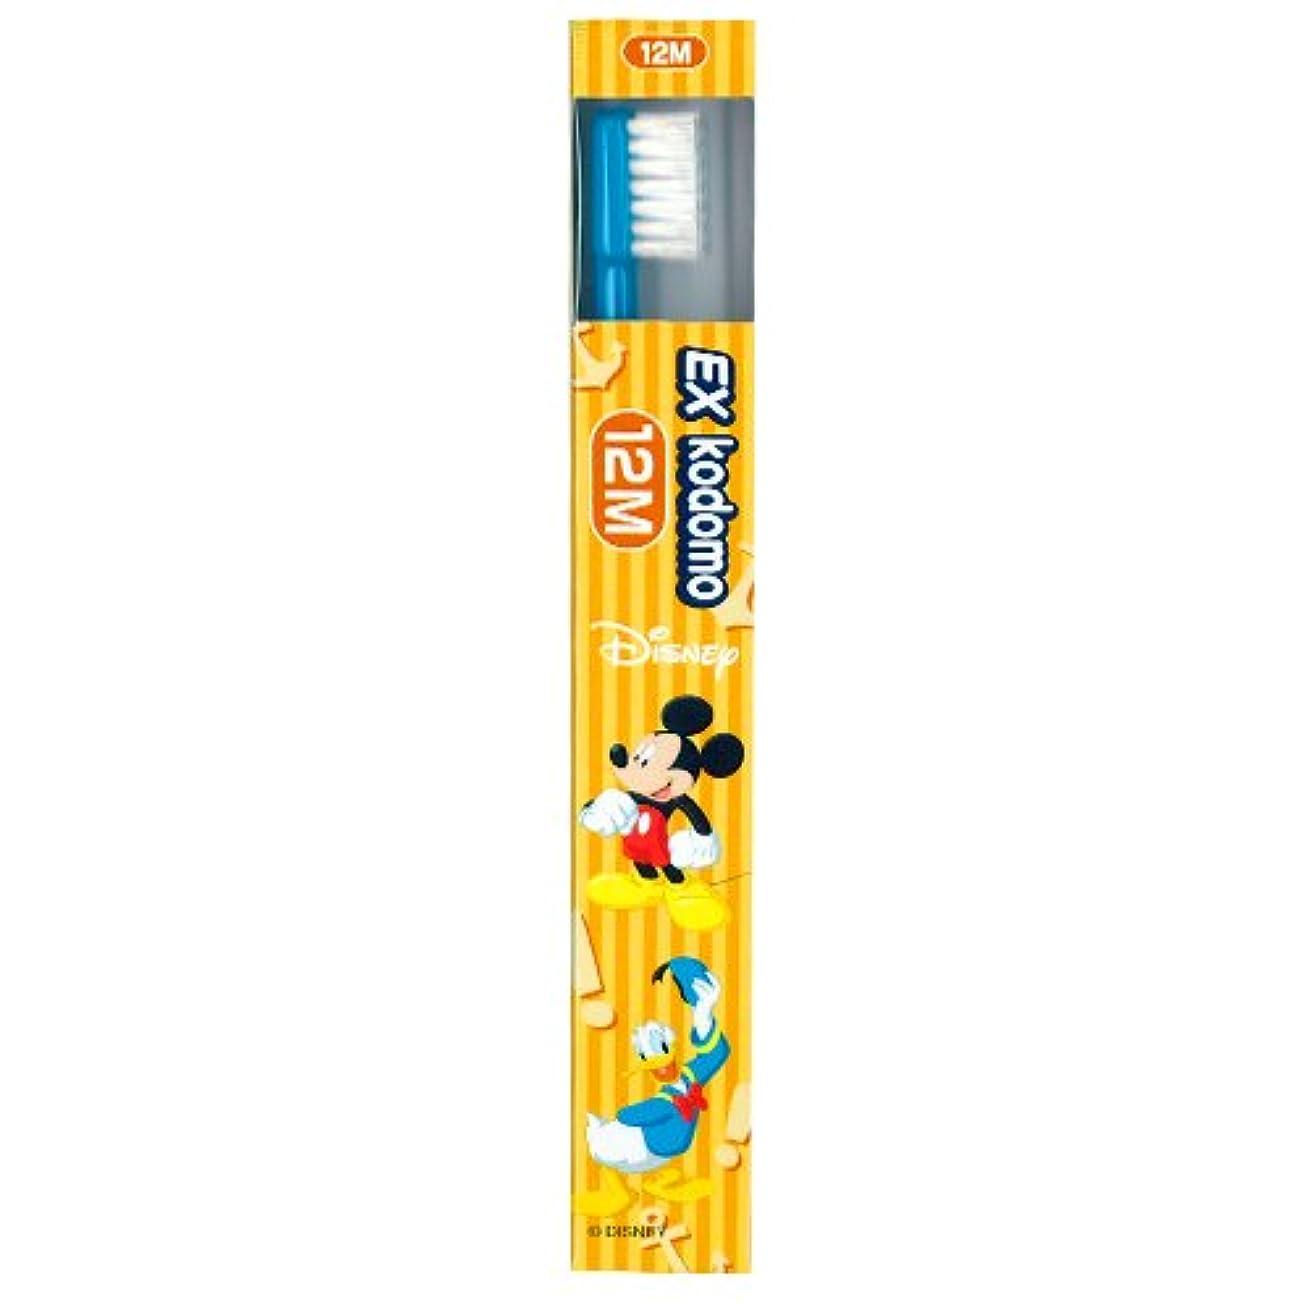 スピーチレンドイブニングライオン EX kodomo ディズニー 歯ブラシ 1本 12M ブルー